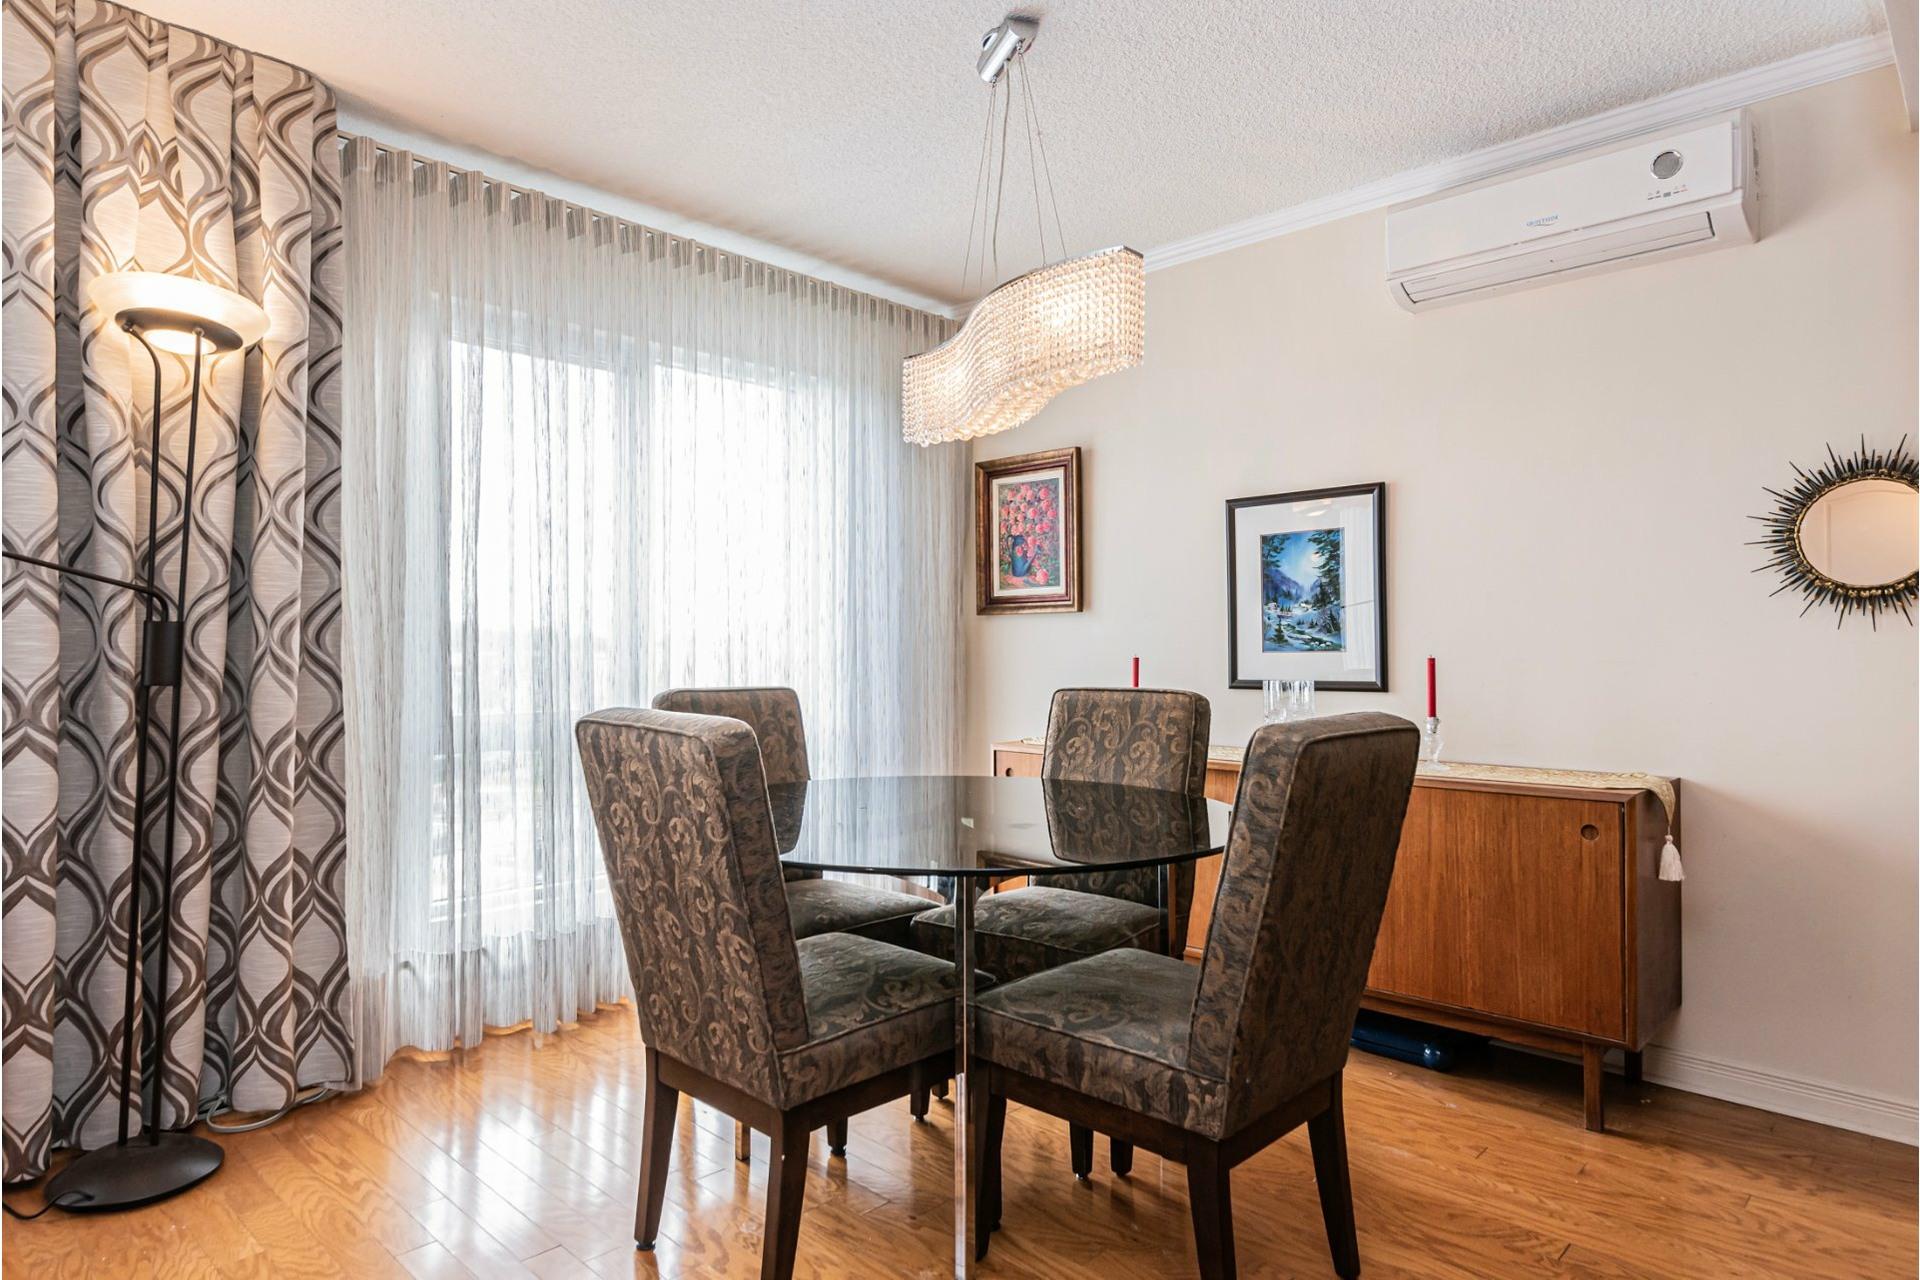 image 9 - Apartment For sale Lachine Montréal  - 7 rooms